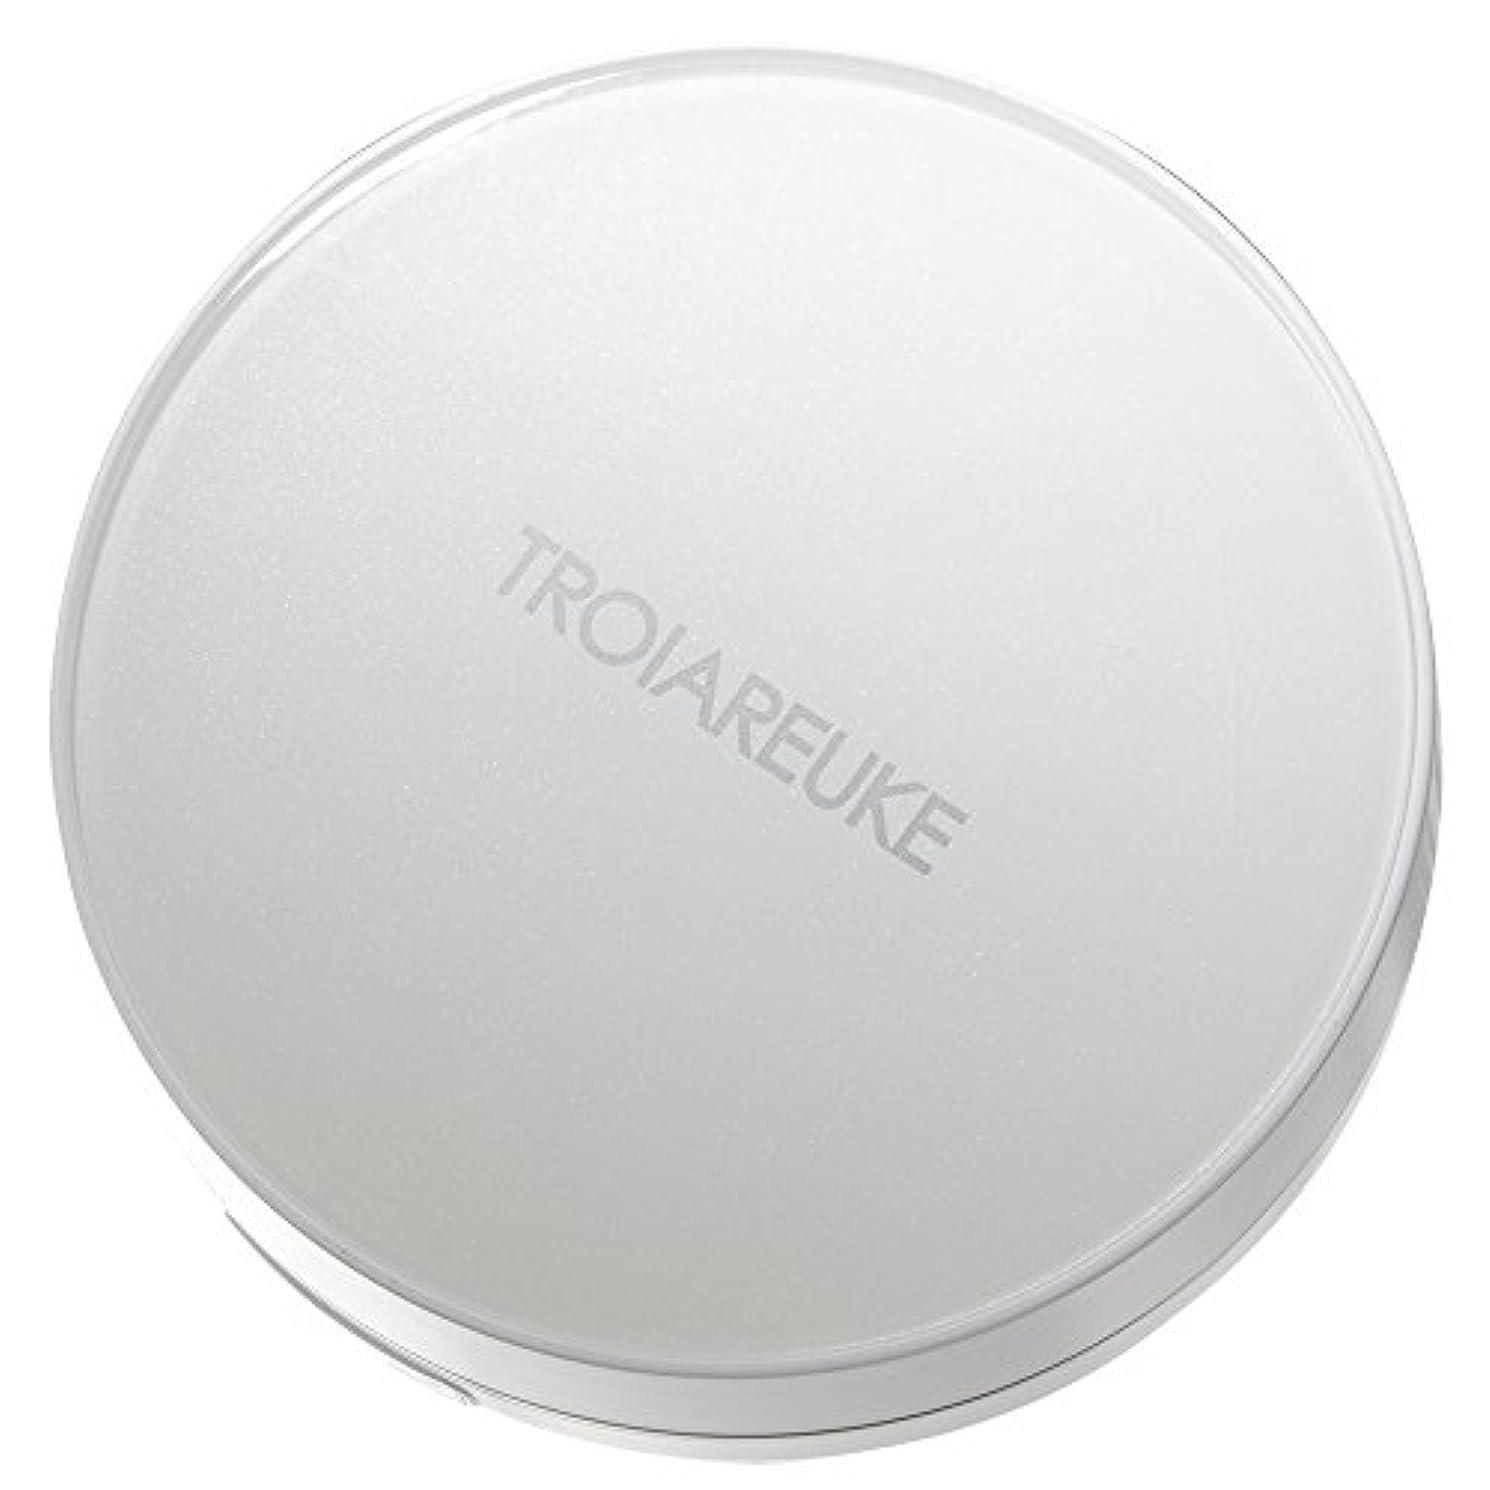 TROIAREUKE(トロイアルケ) ヒーリング クッション / Healing Cushion (A+ #21) [並行輸入品]